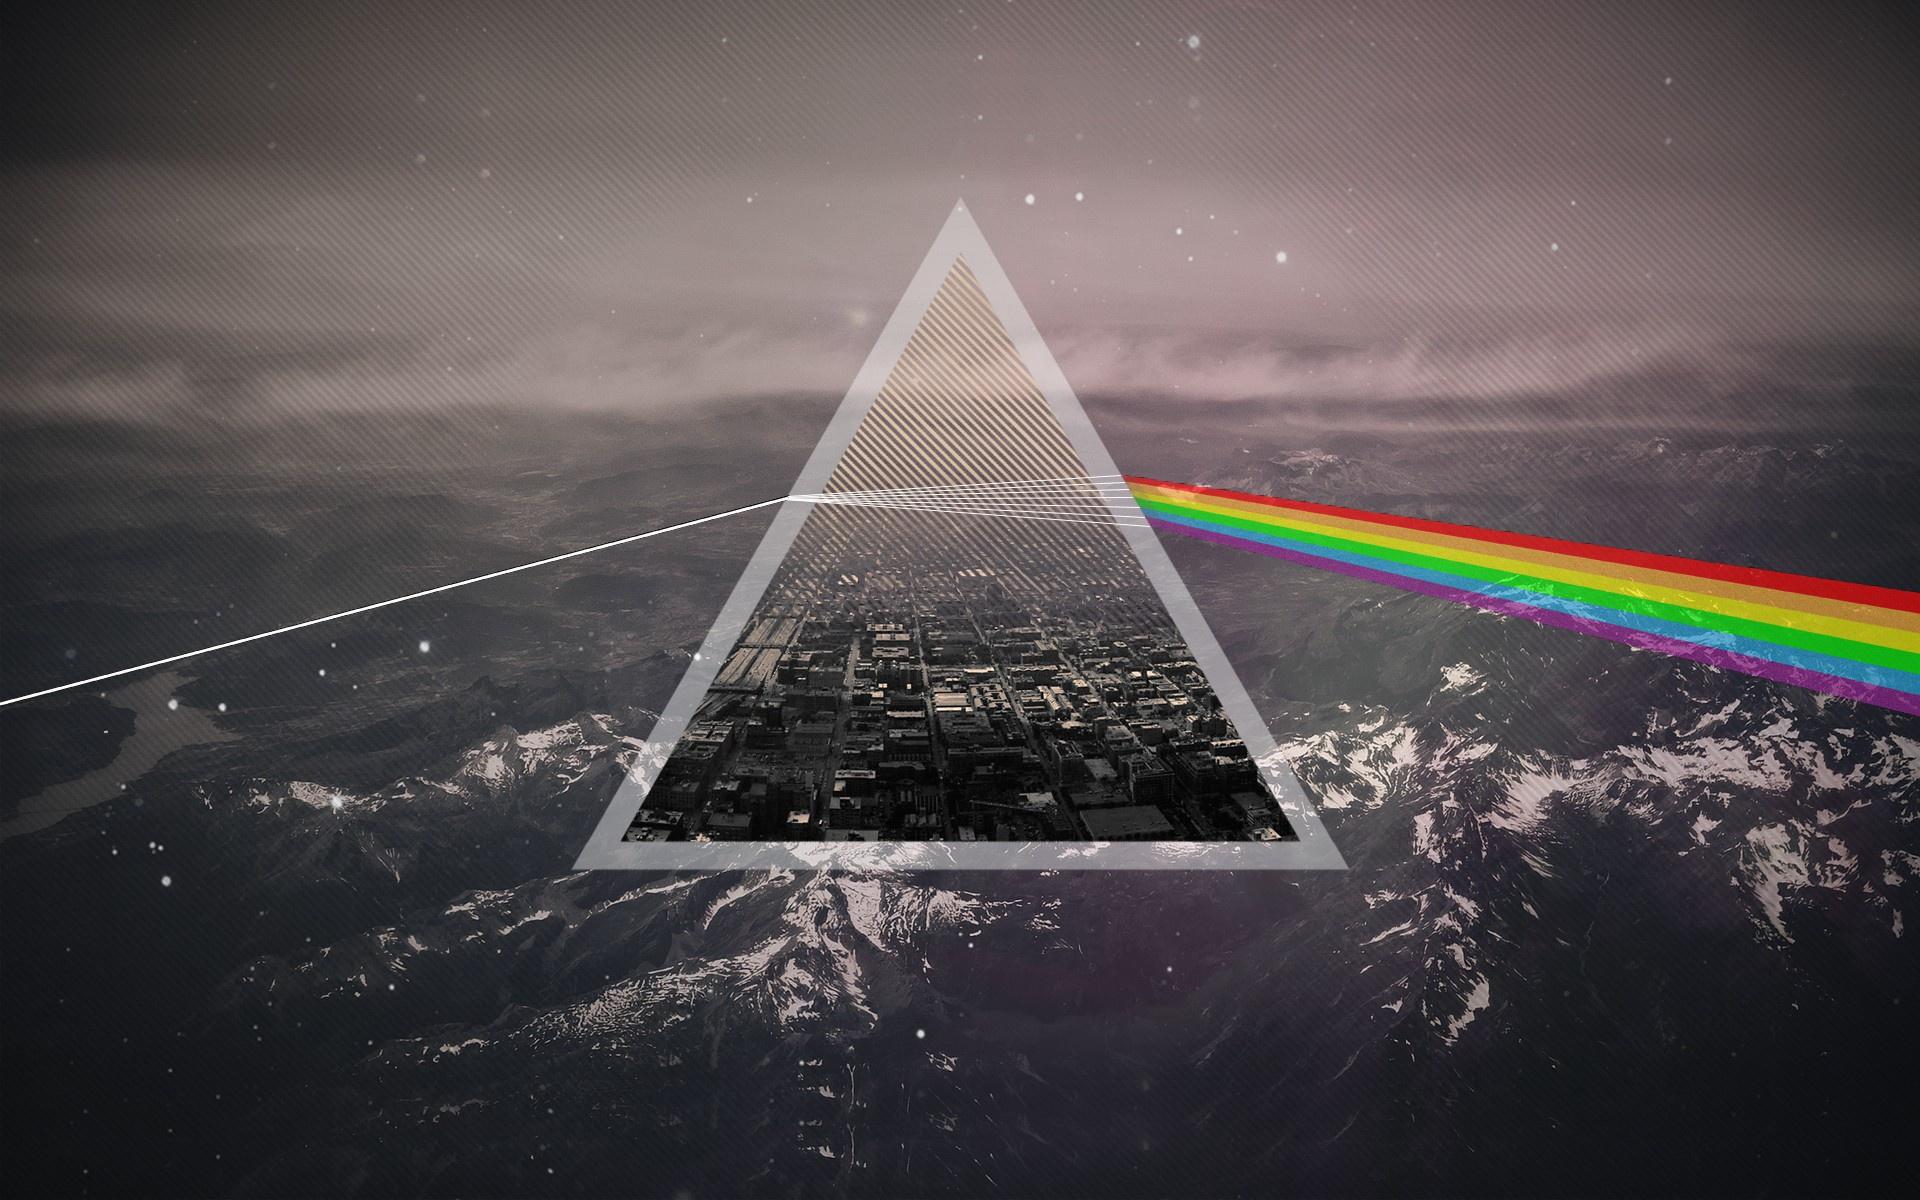 Картинка с треугольником